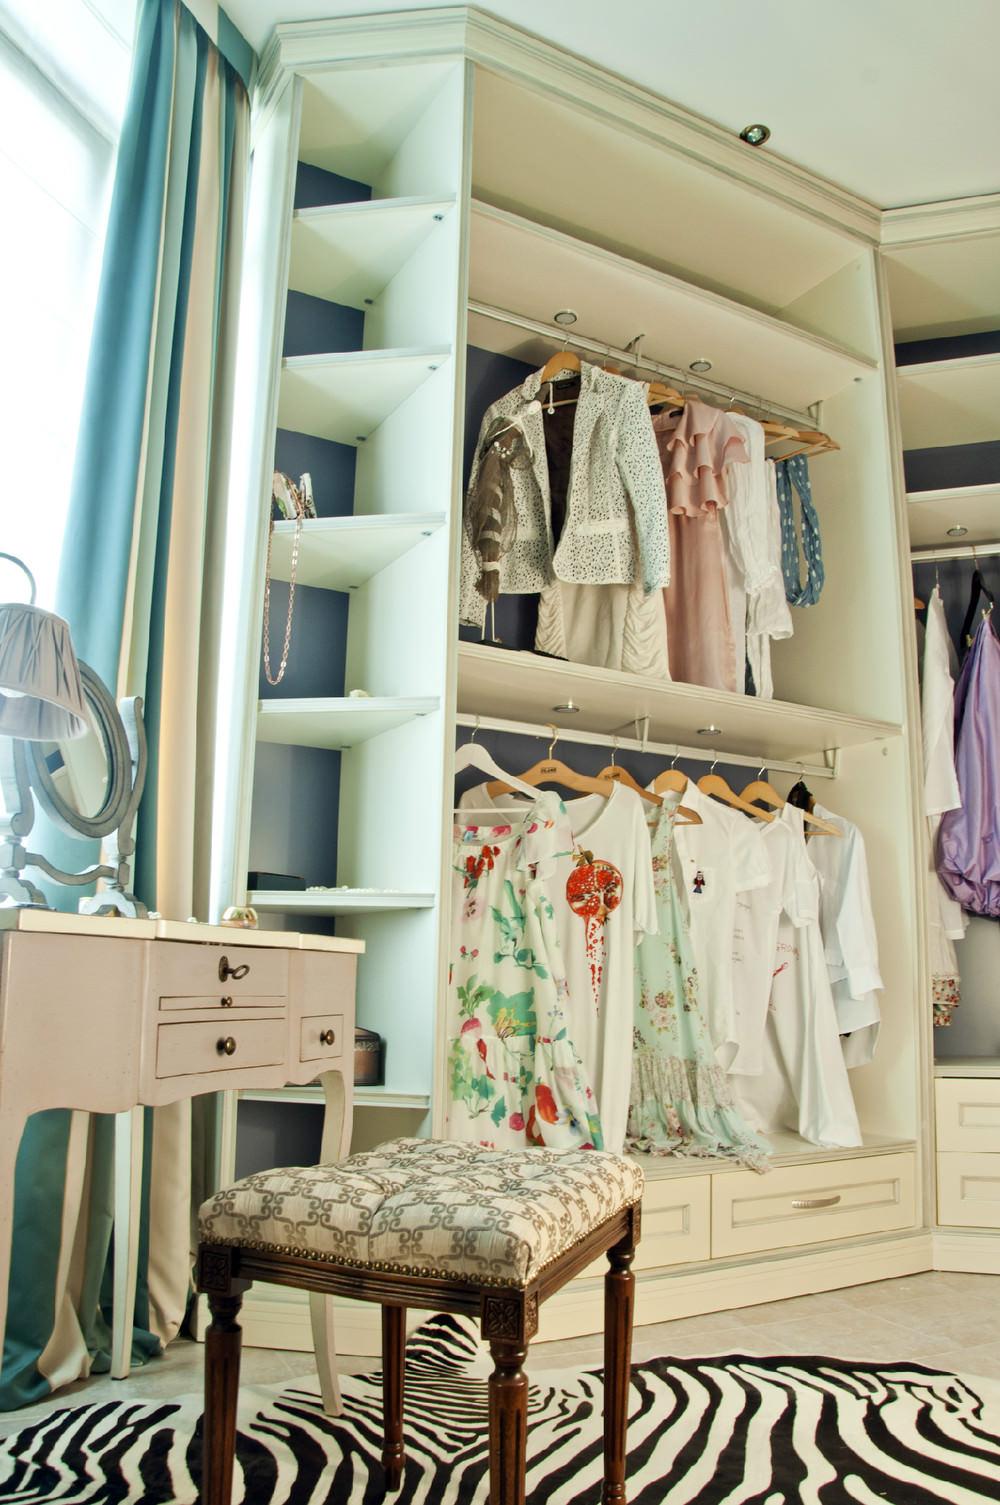 Интерьер балкона с гардеробной комнатой.